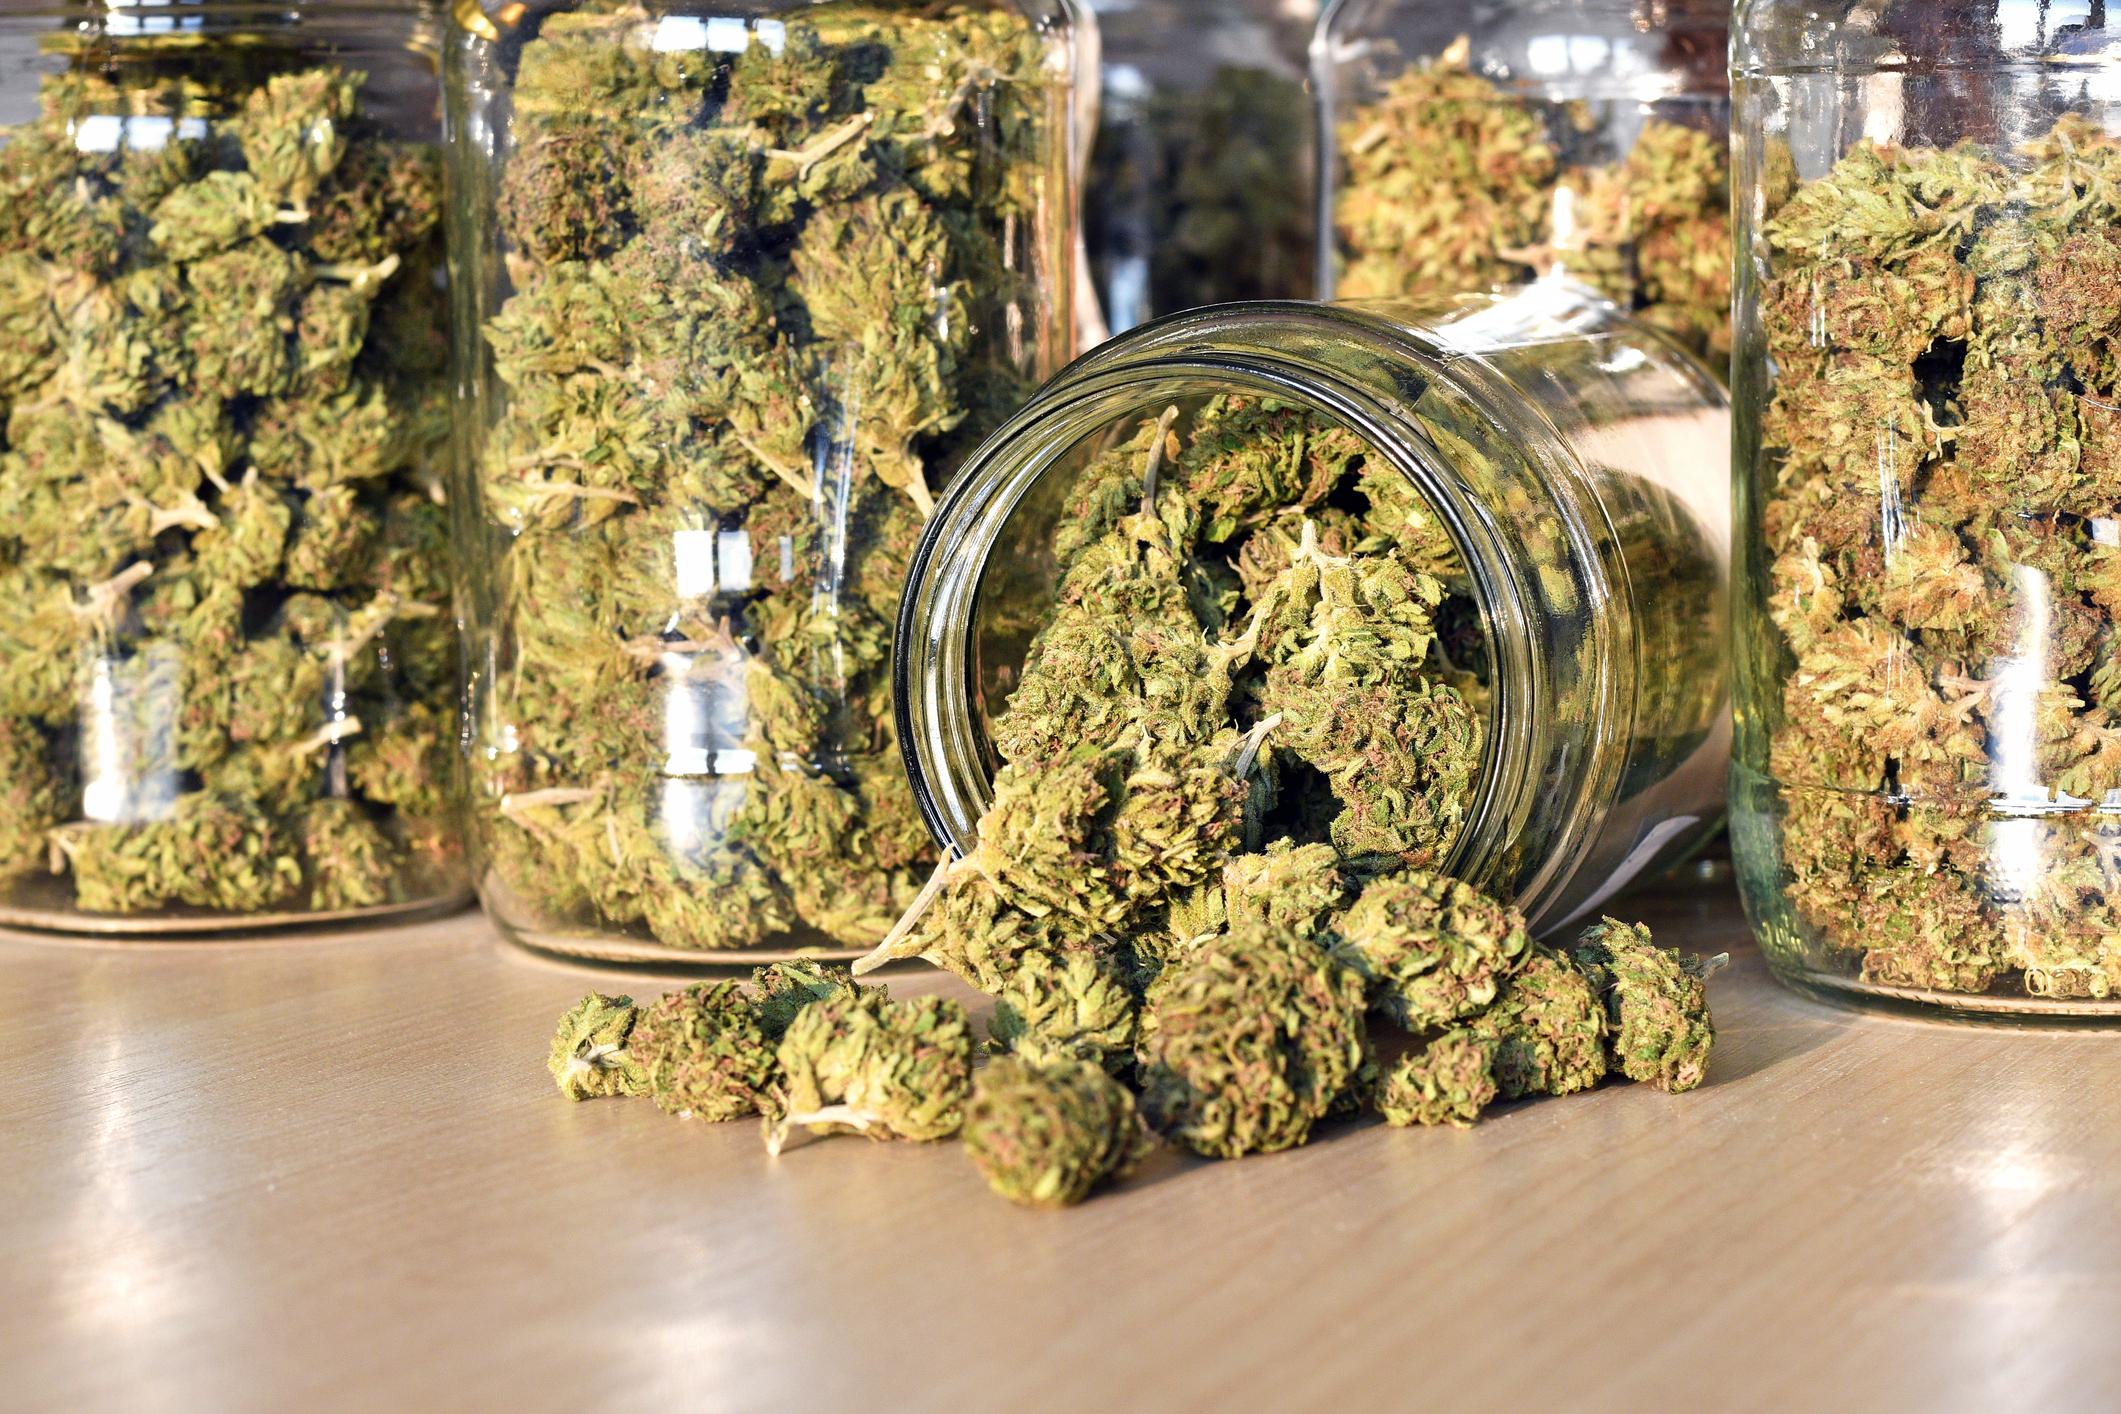 Marijuana buds falling out of a jar onto a table.